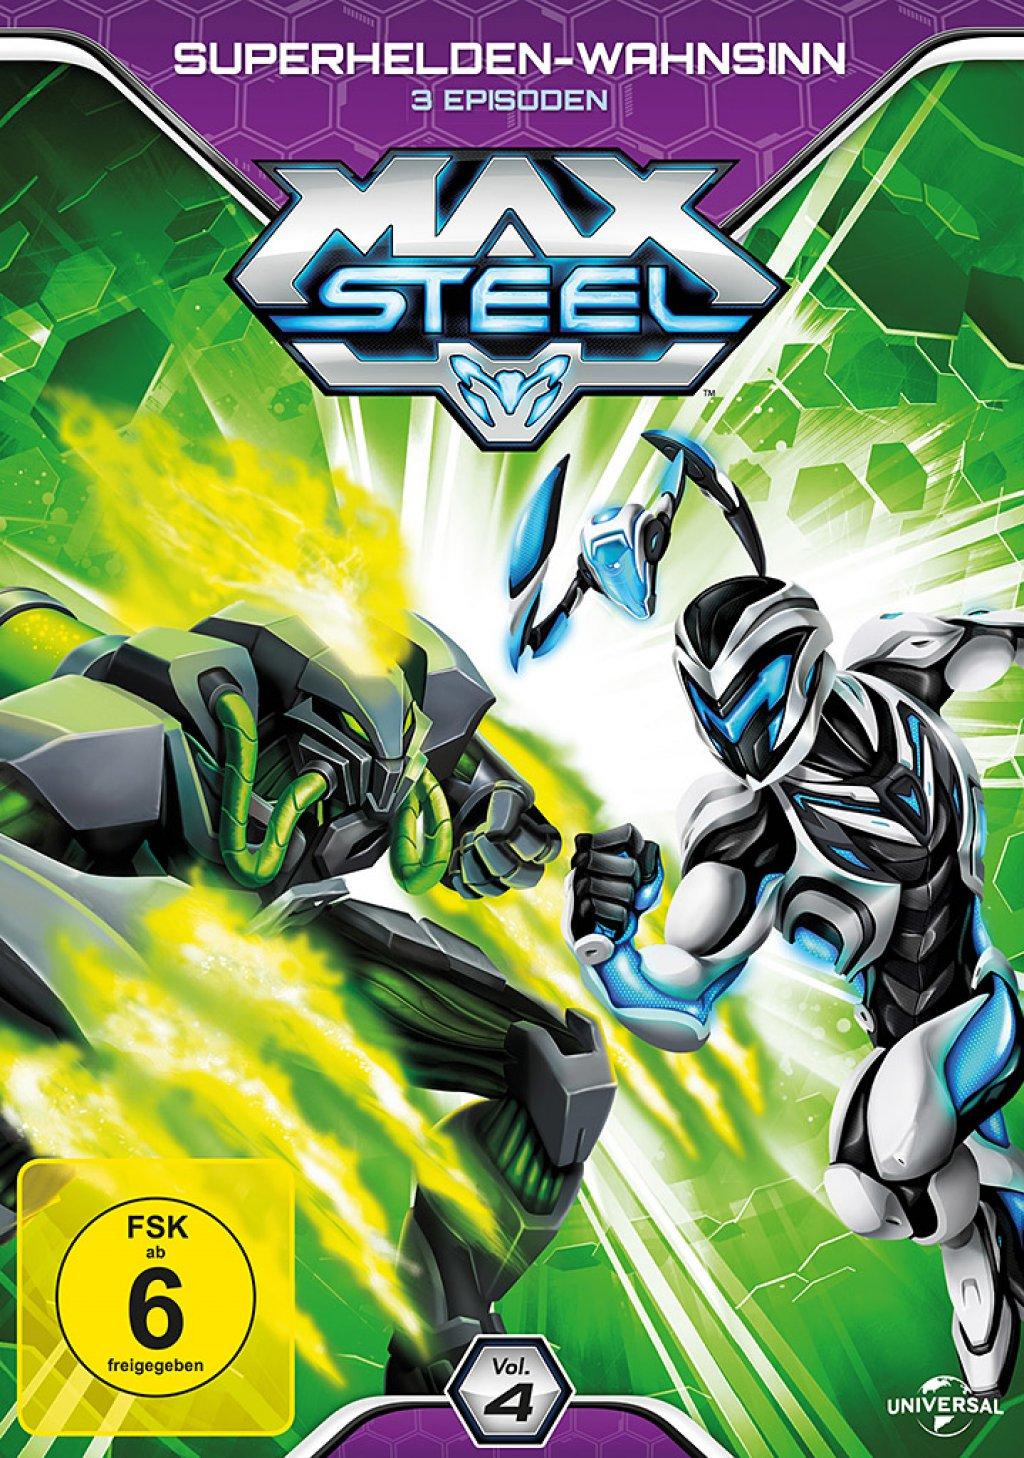 Max Steel - Vol. 4 / Superhelden-Wahnsinn (DVD)